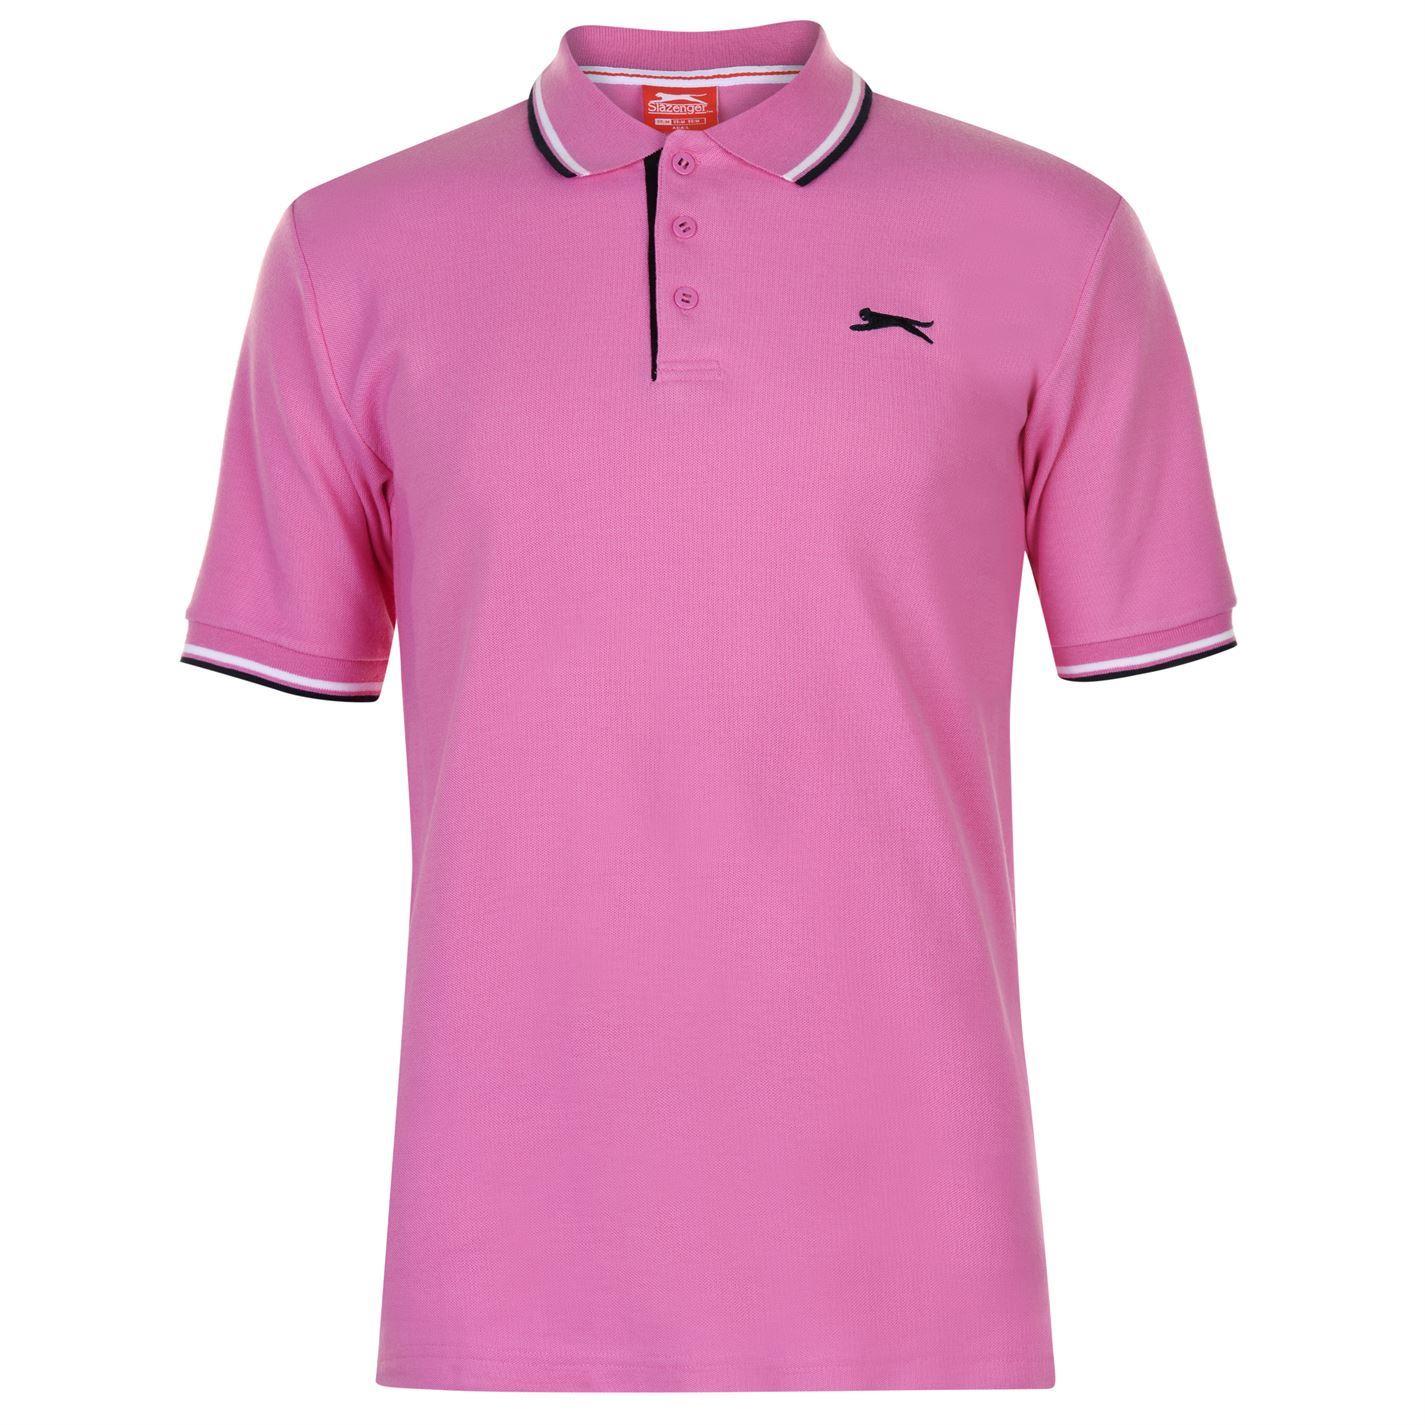 Slazenger-Polo-Camisa-de-hombre-con-cuello-con-Punta-T-Shirt-Top-Camiseta-Tee miniatura 19